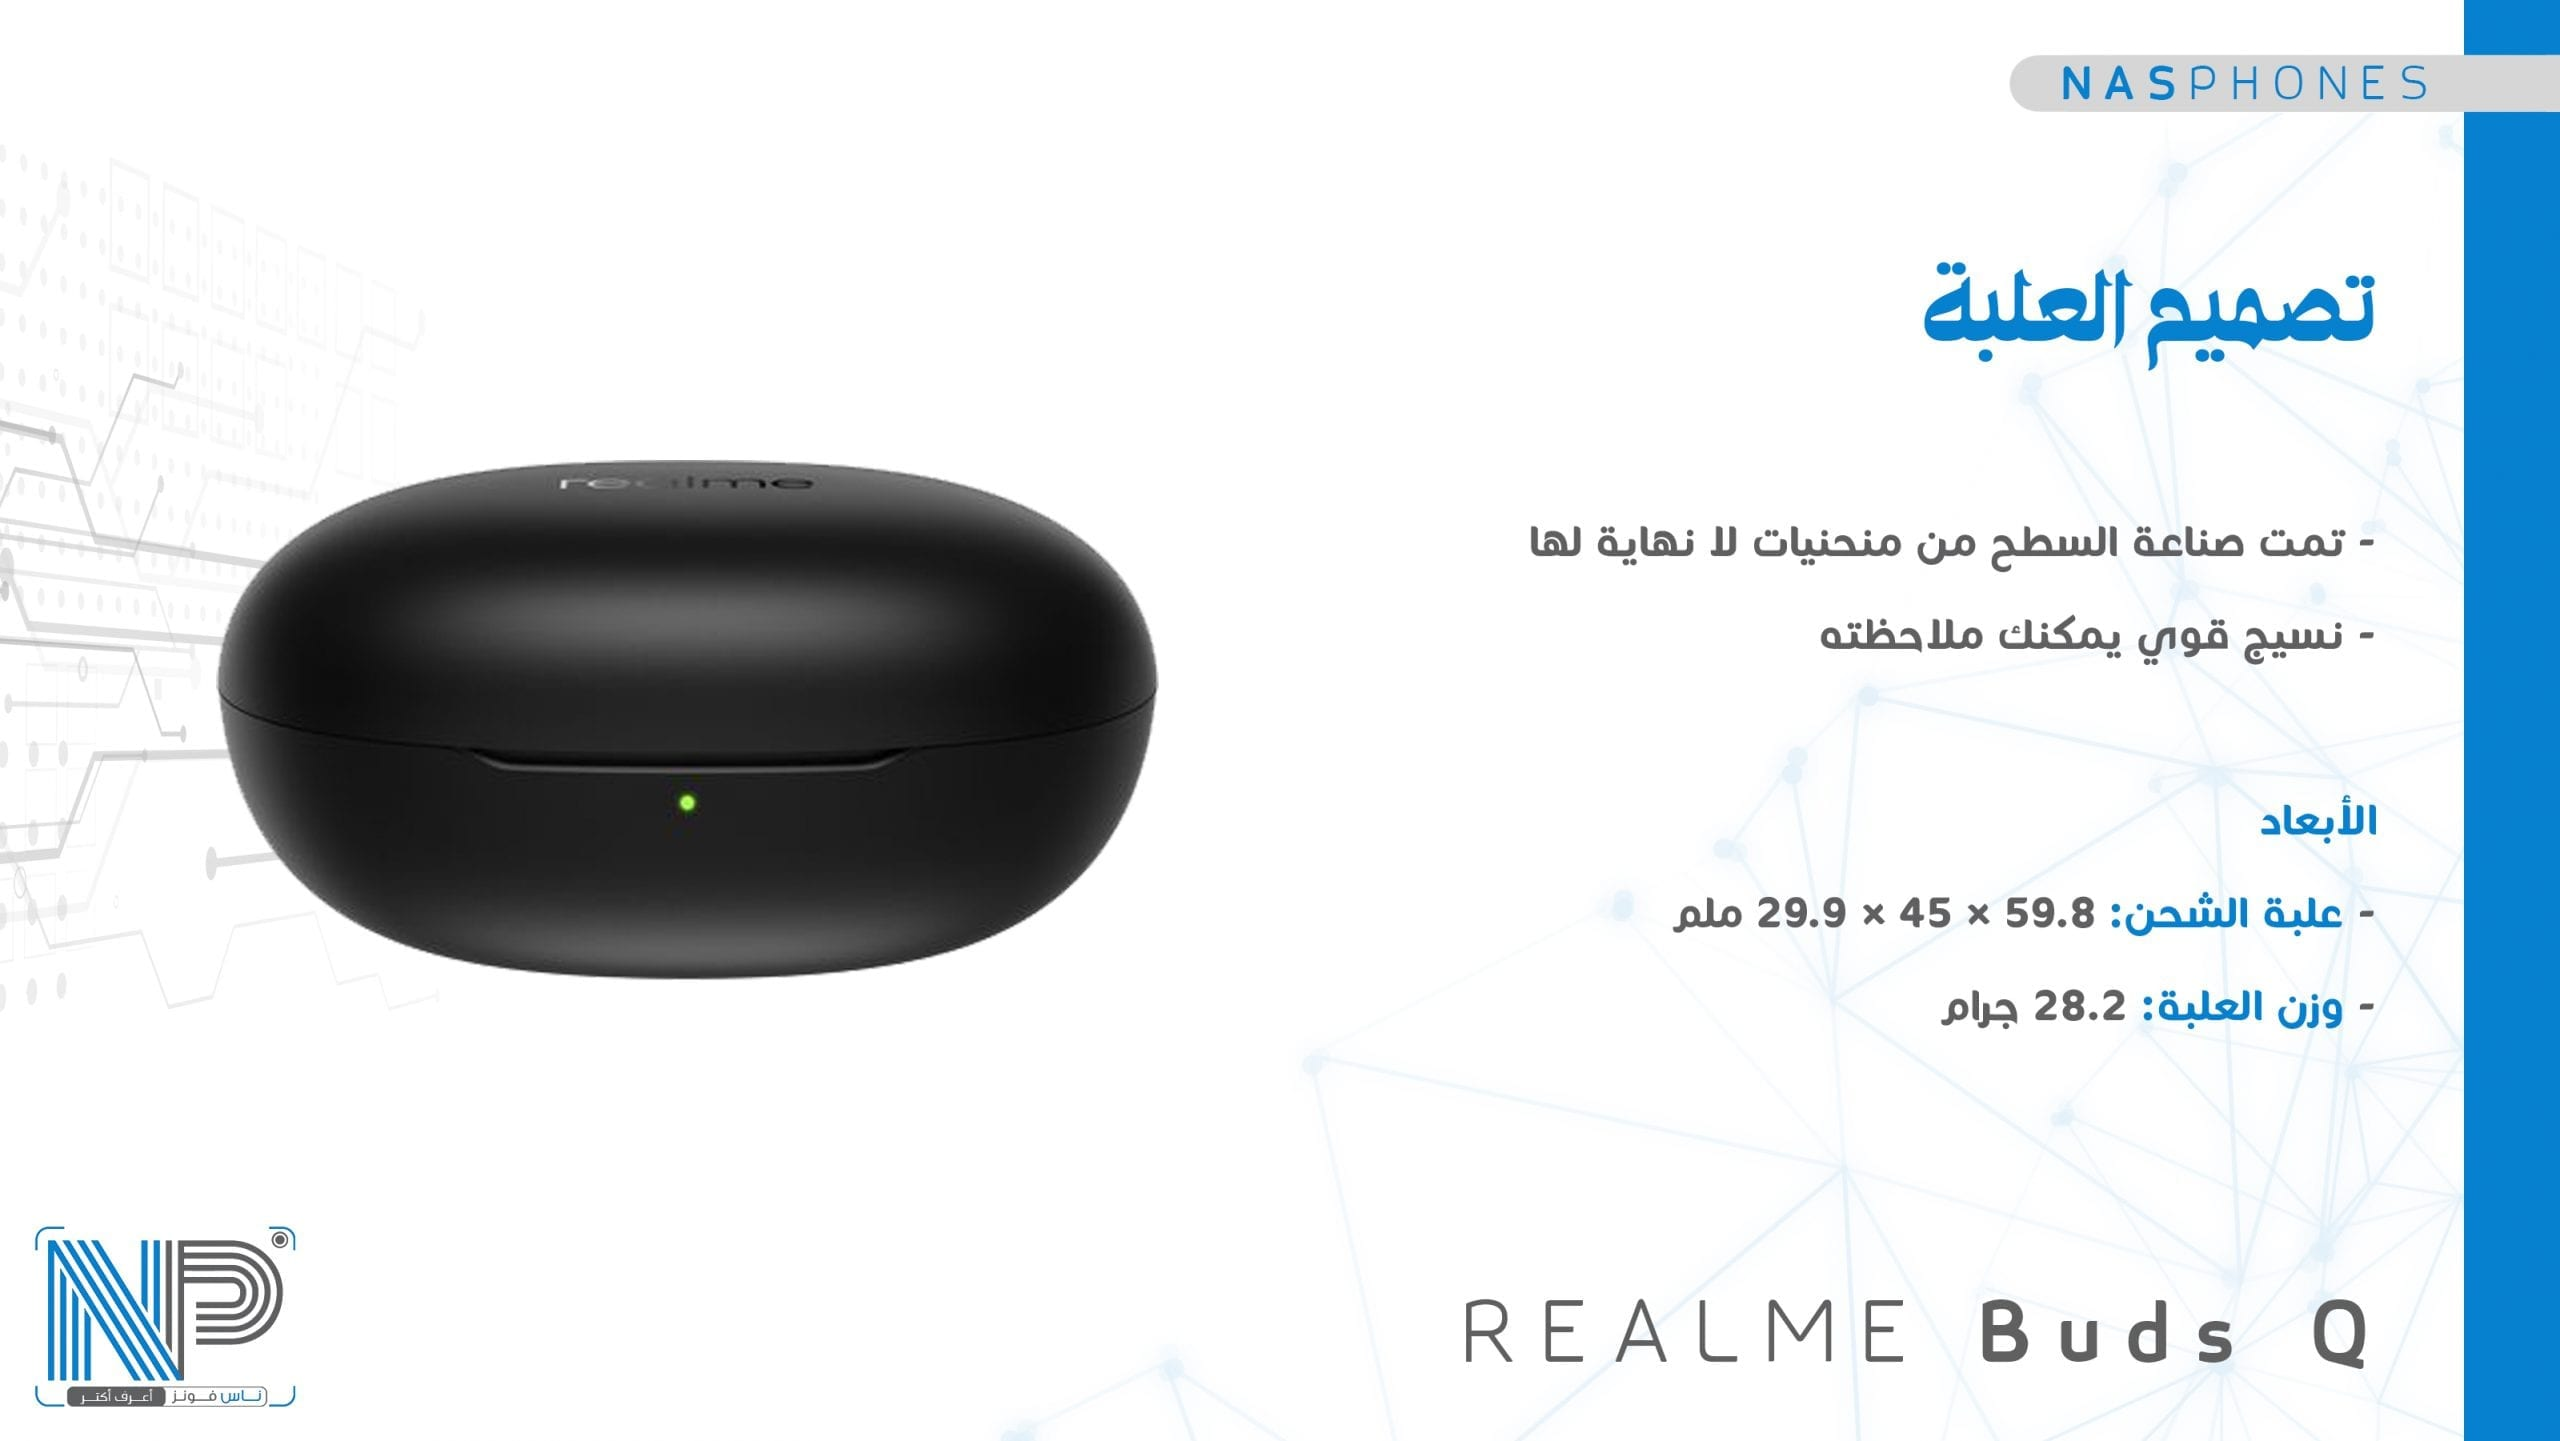 تصميم العلبة الخارجية لـ Realm buds Q